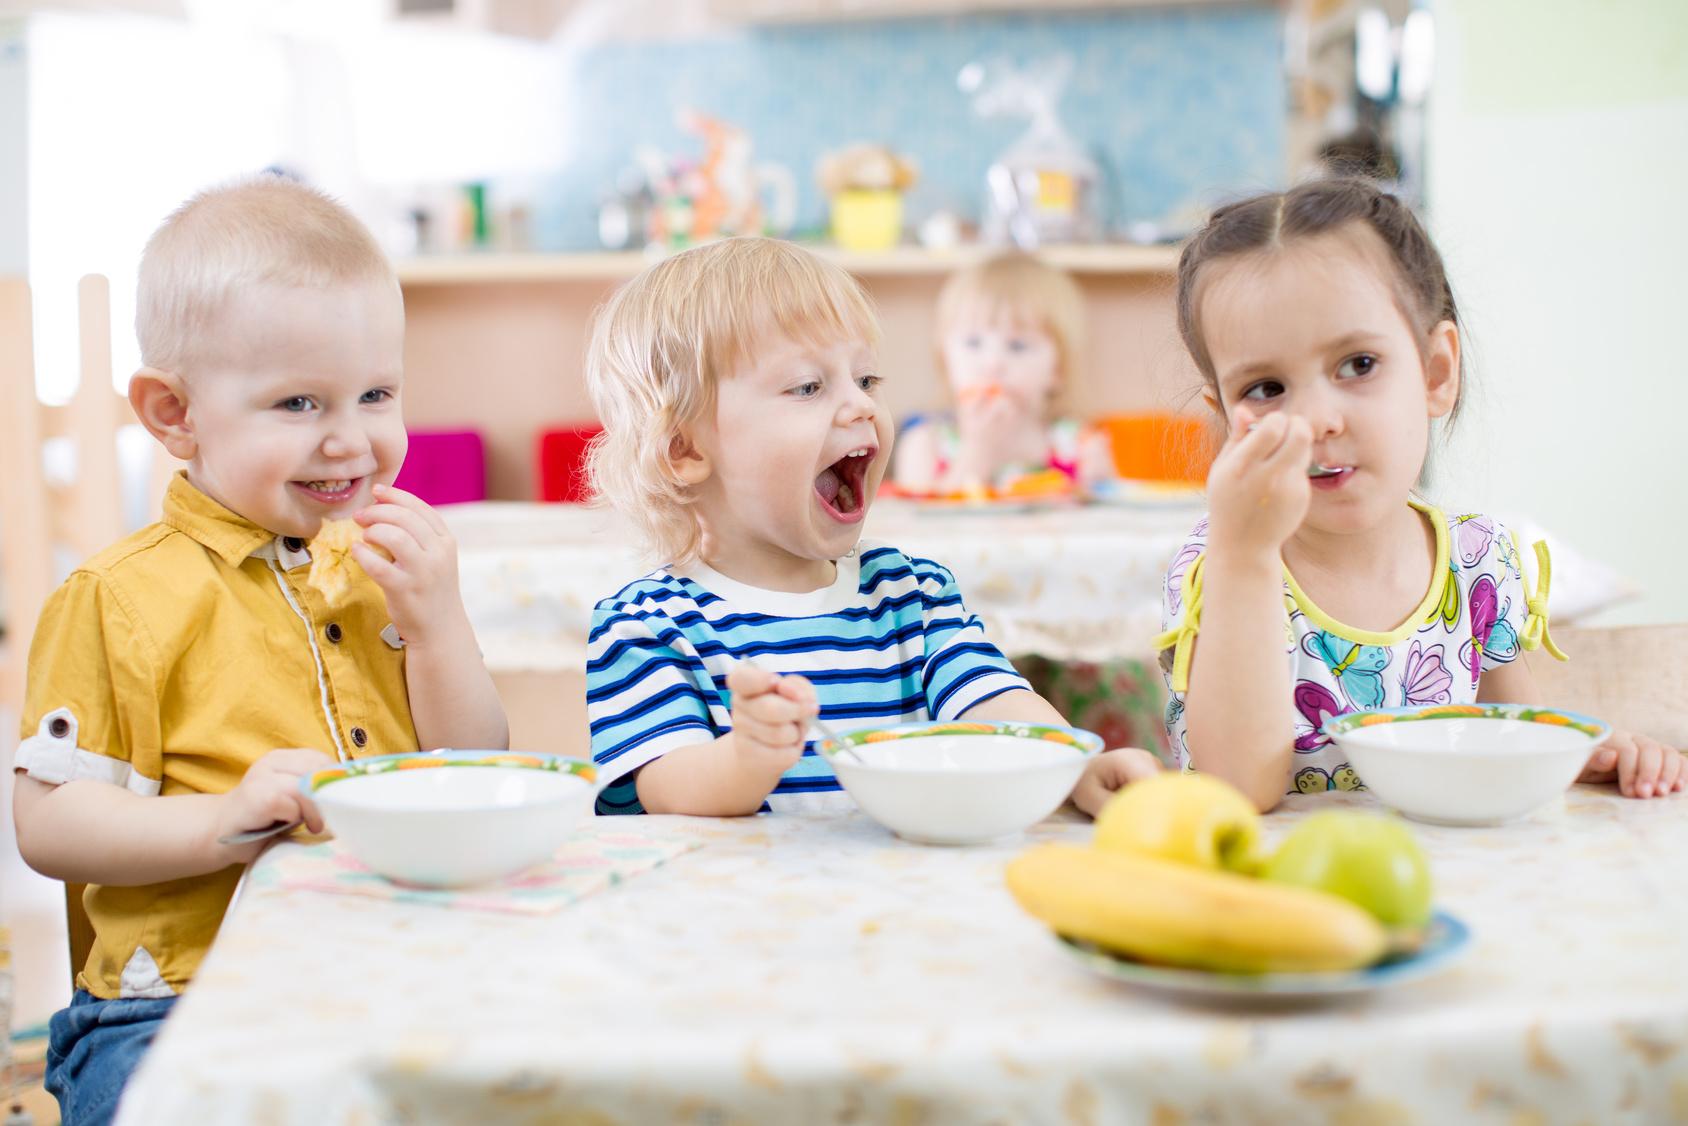 NRW: Kinder dürfen kein eigenes Essen mehr in die Kita mitbringen